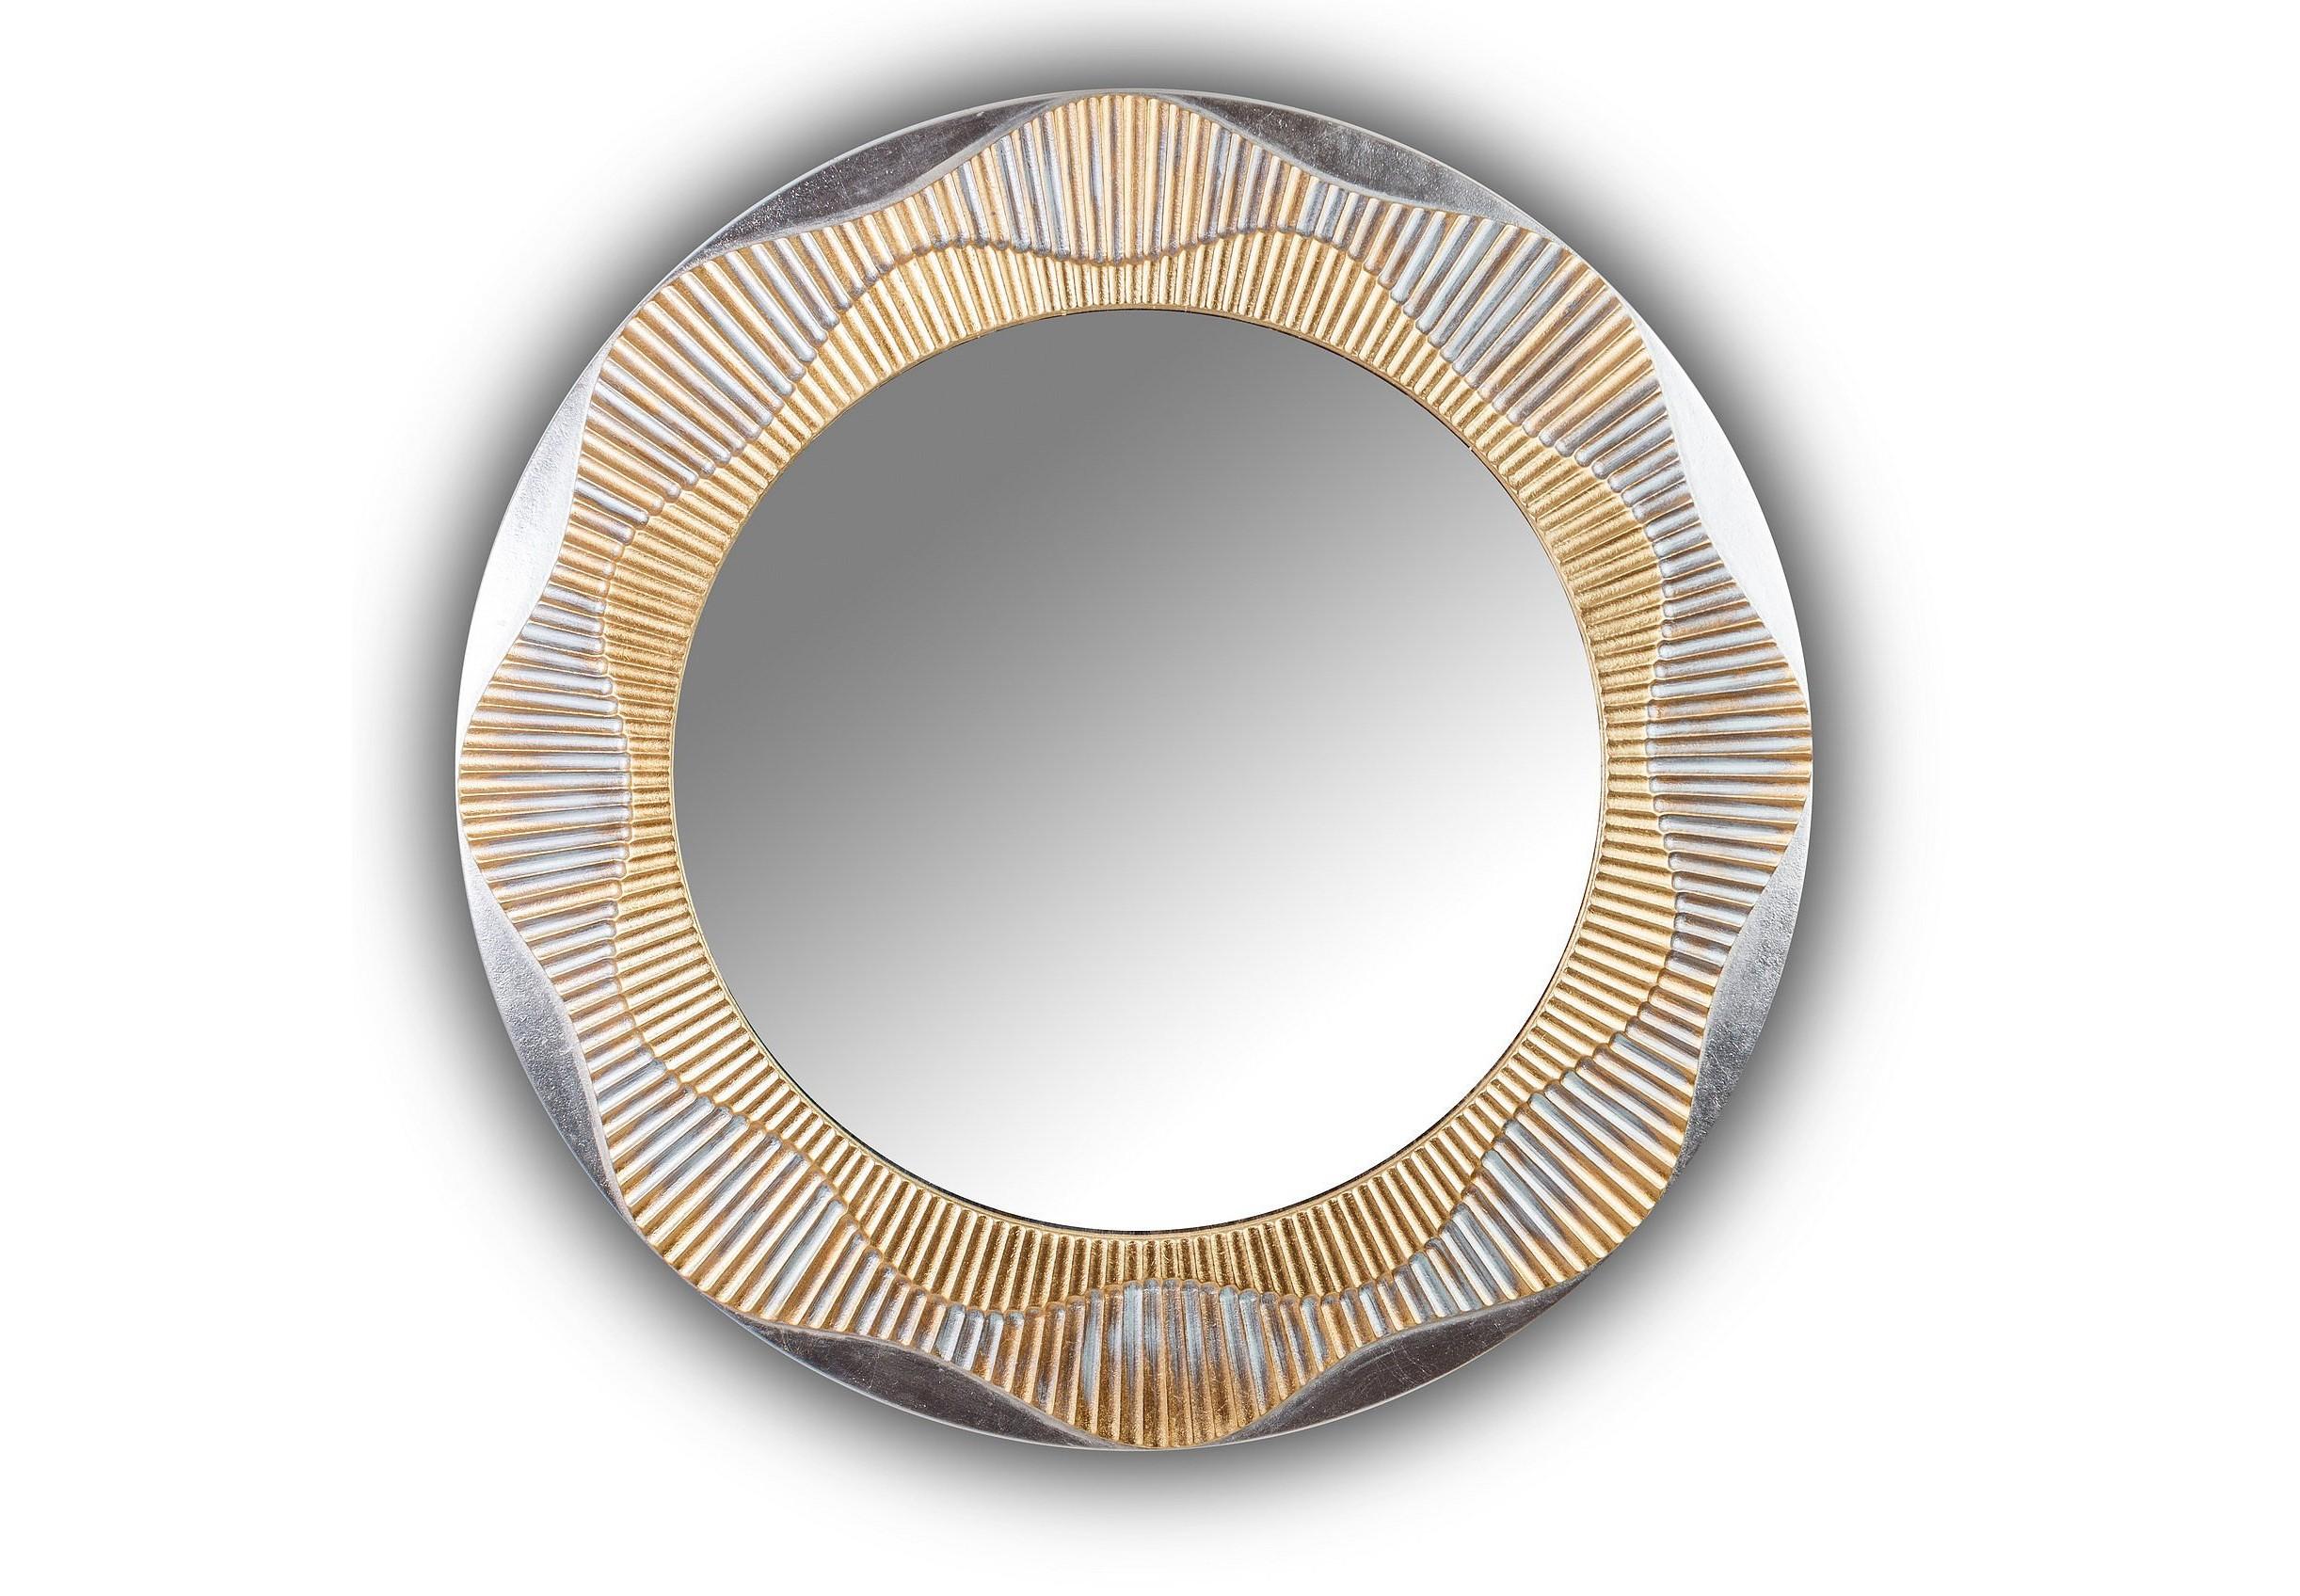 Зеркало FASHION SEASHELLНастенные зеркала<br>Данный вариант представлен в золотом и серебряном цвете.<br><br>Material: Дерево<br>Глубина см: 3